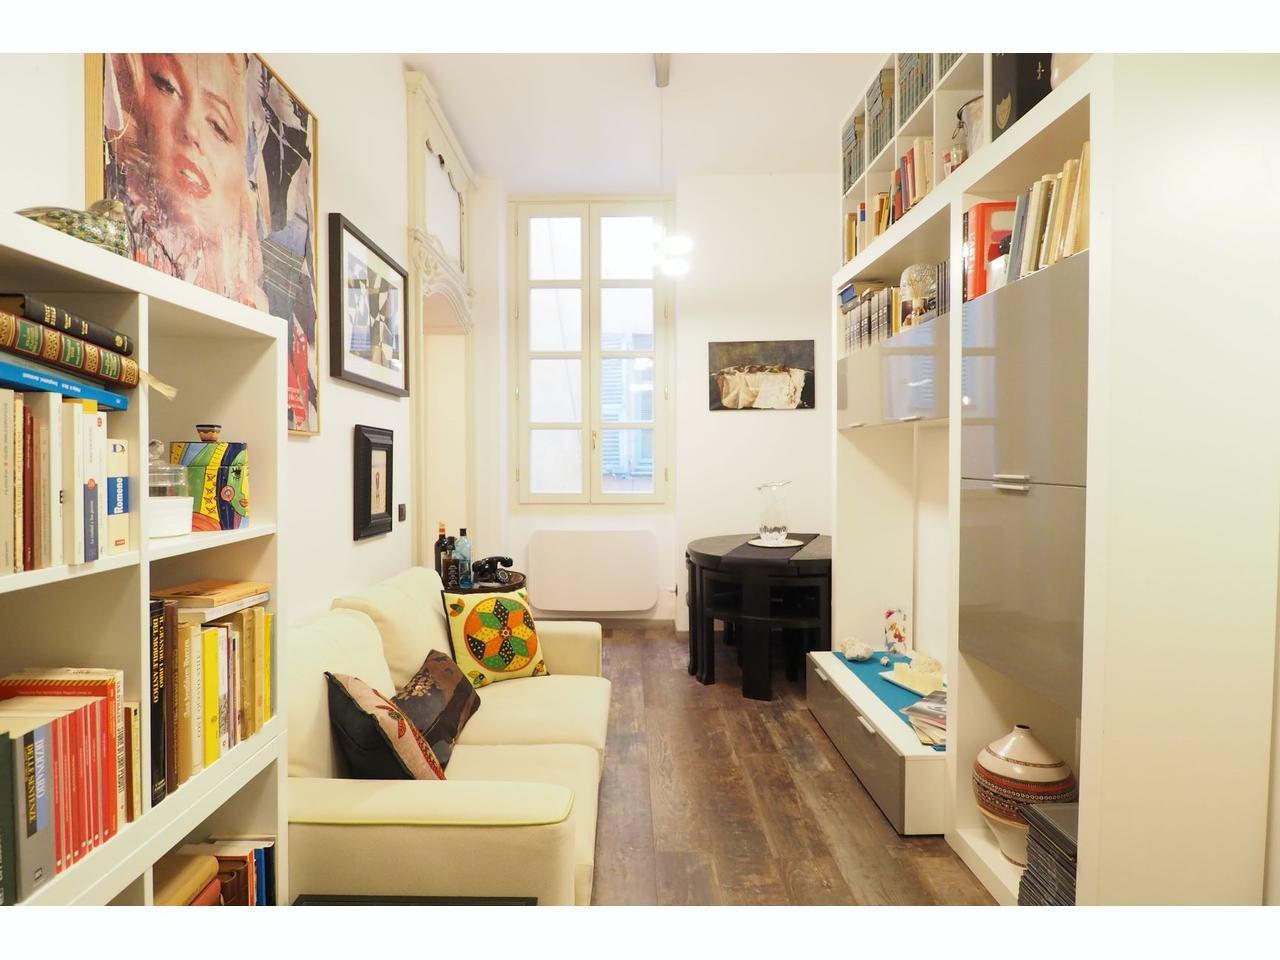 Välplanerad lägenhet i gamla stan i Nice - här bor du nära allt!